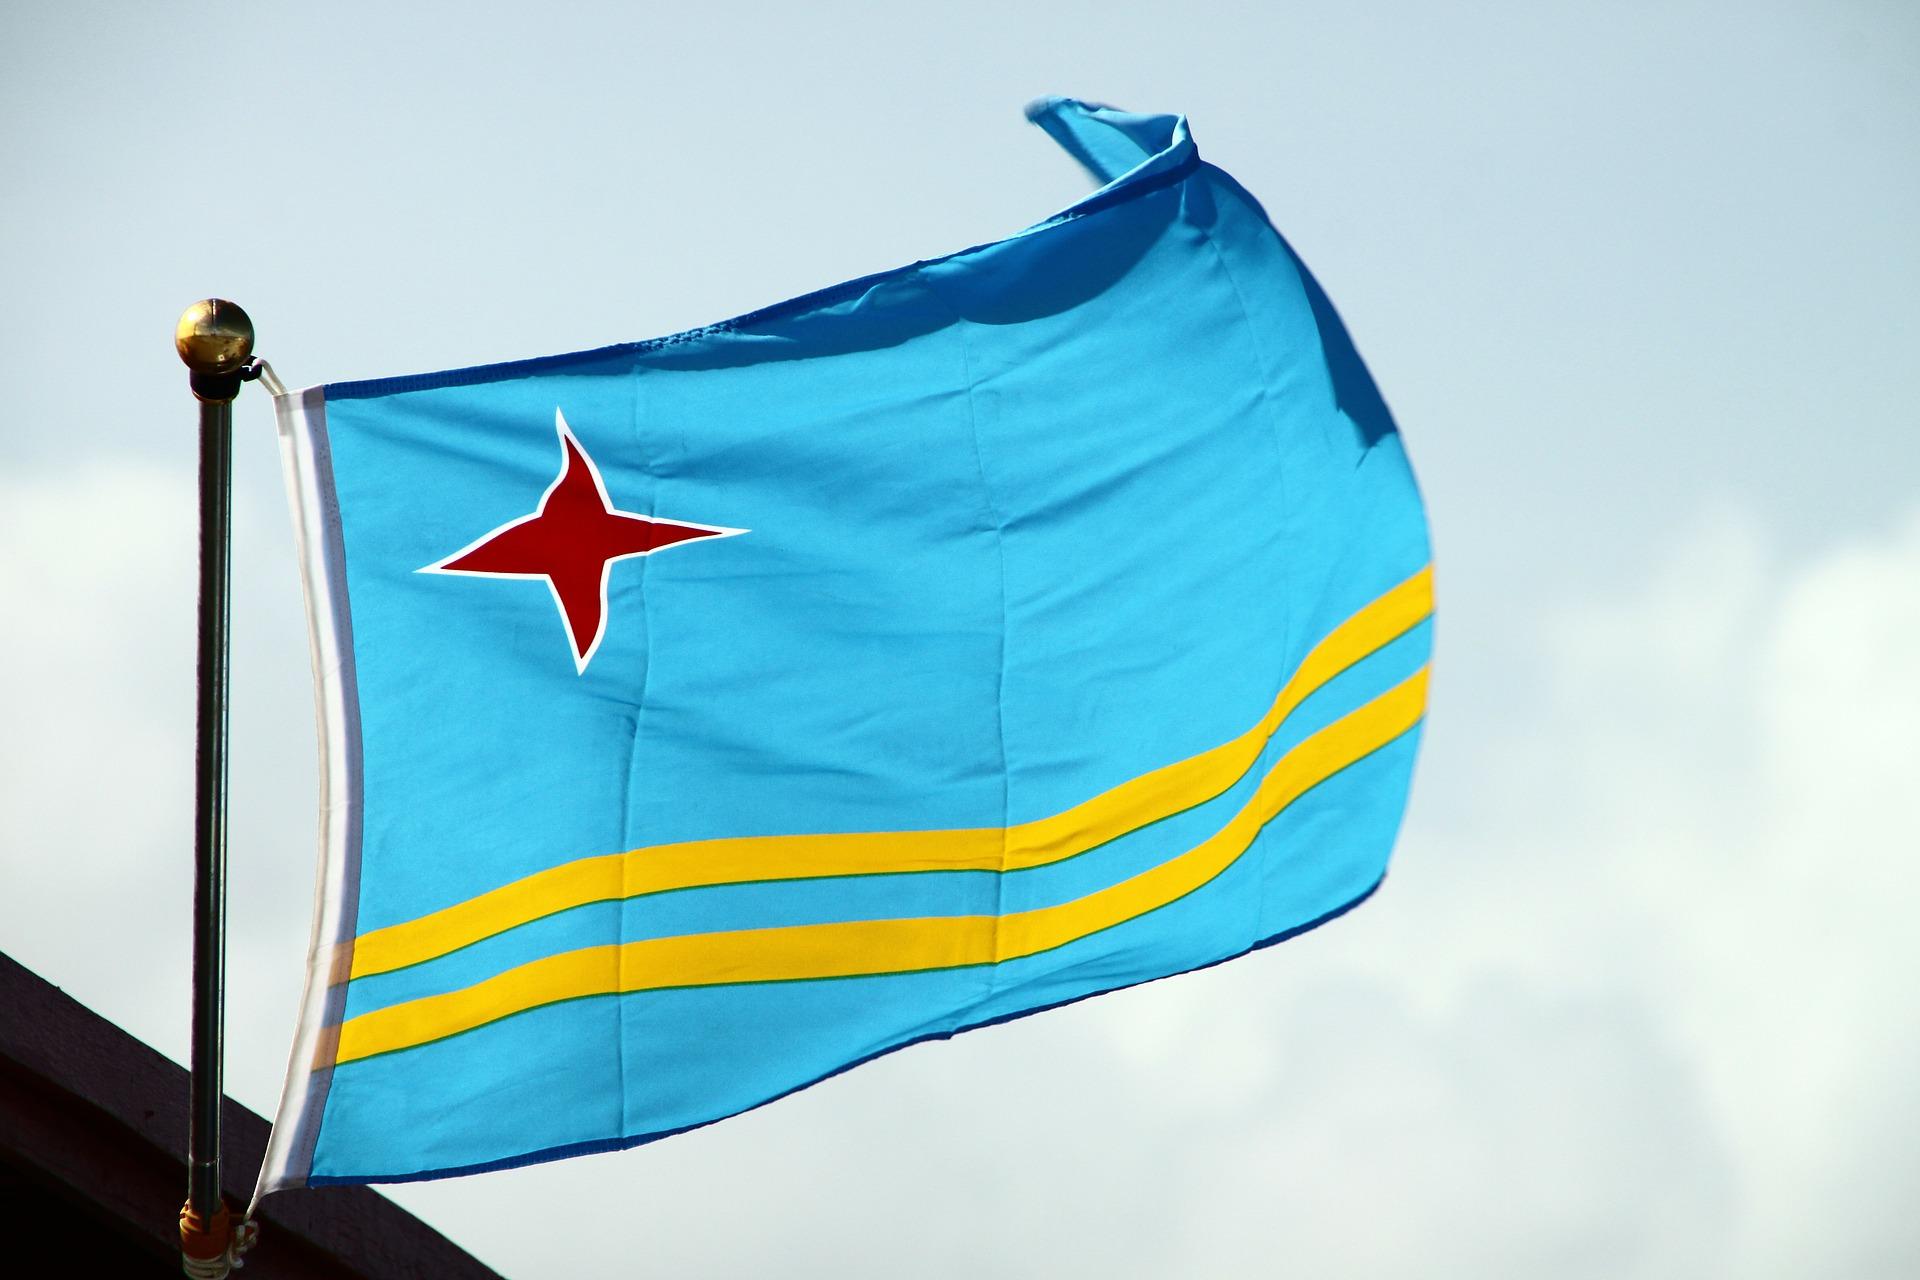 flag-26009_1920.jpg